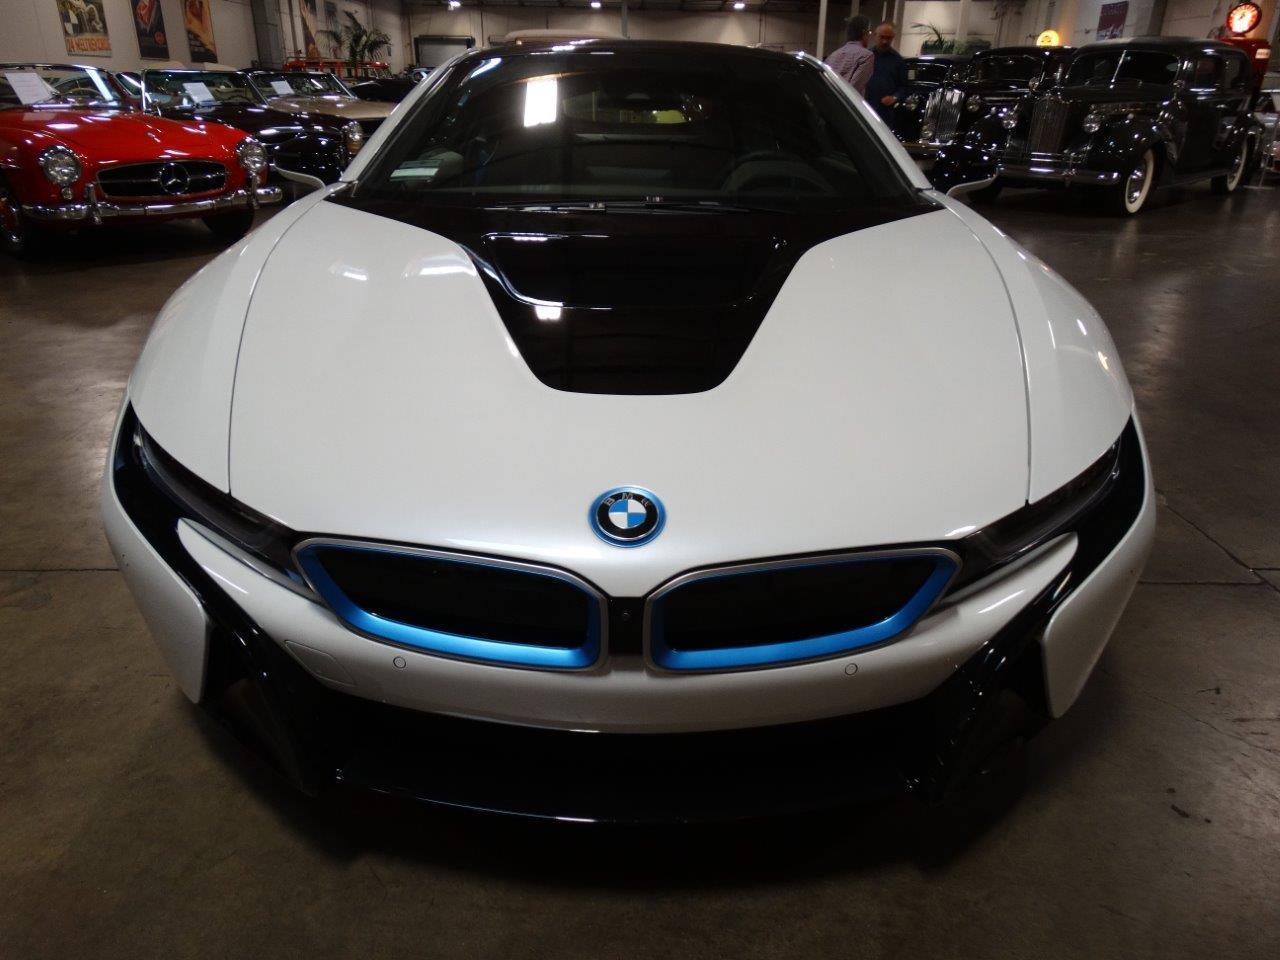 2014 BMW i8 for Sale | ClassicCars.com | CC-1104118